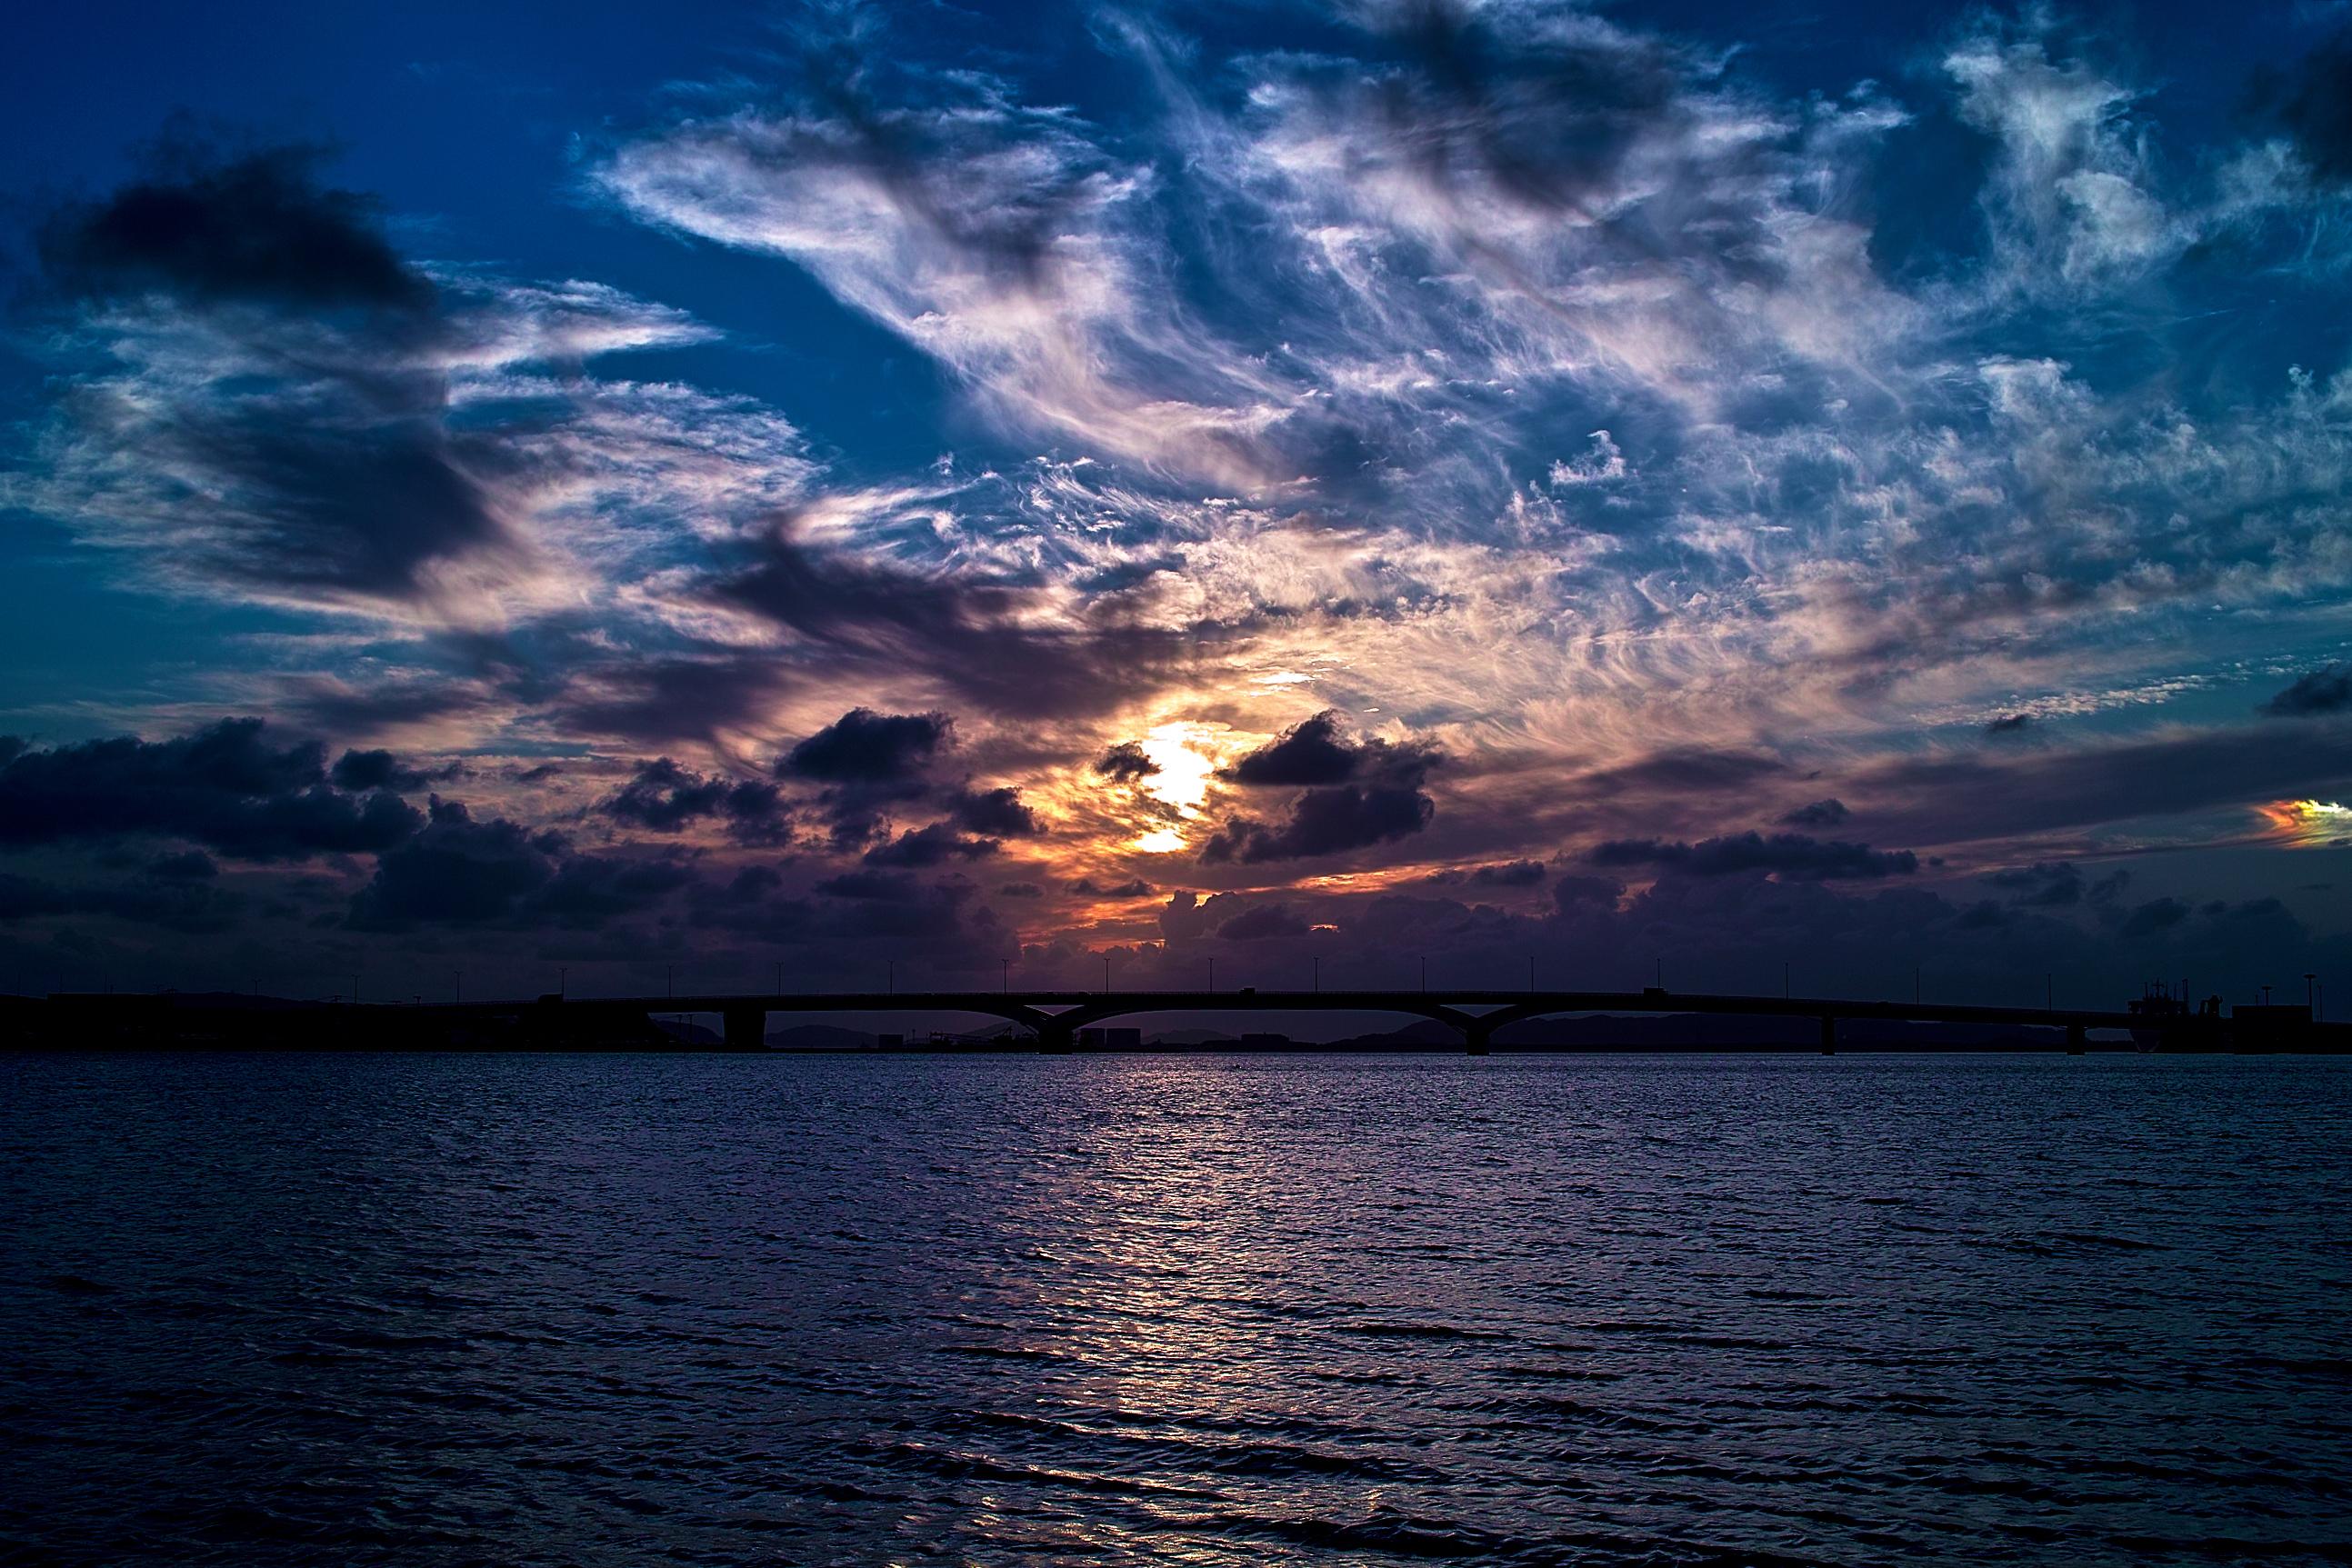 закат над бушующим морем  № 602794 загрузить